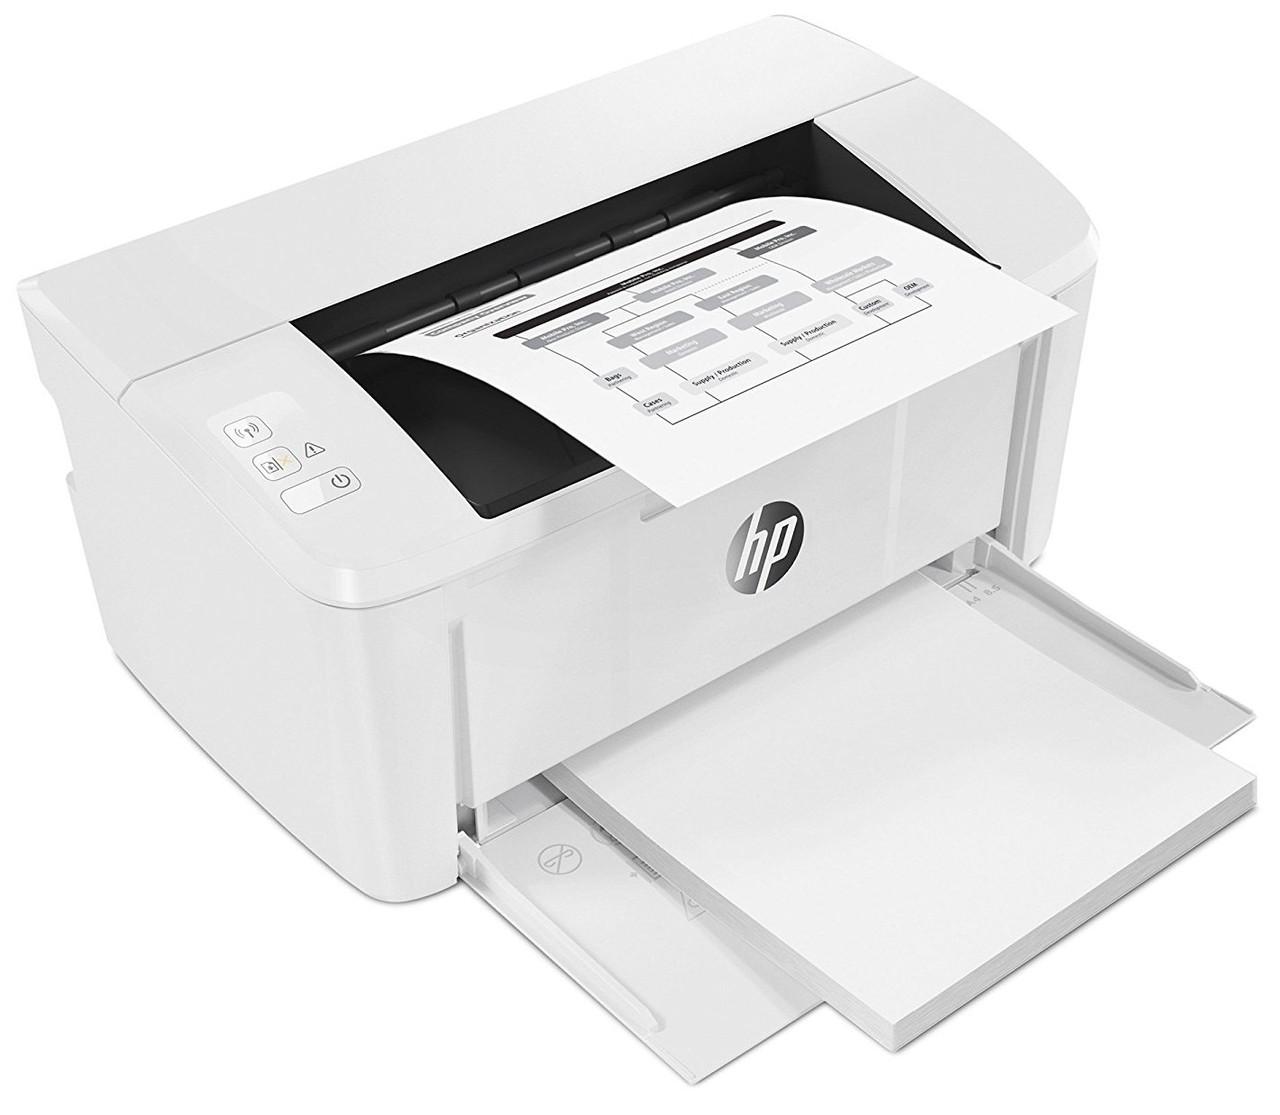 Лазерный принтер HP LaserJet Pro M15w (W2G51A) c поддержкой Wi-Fi, для дома и офиса, черно-белый